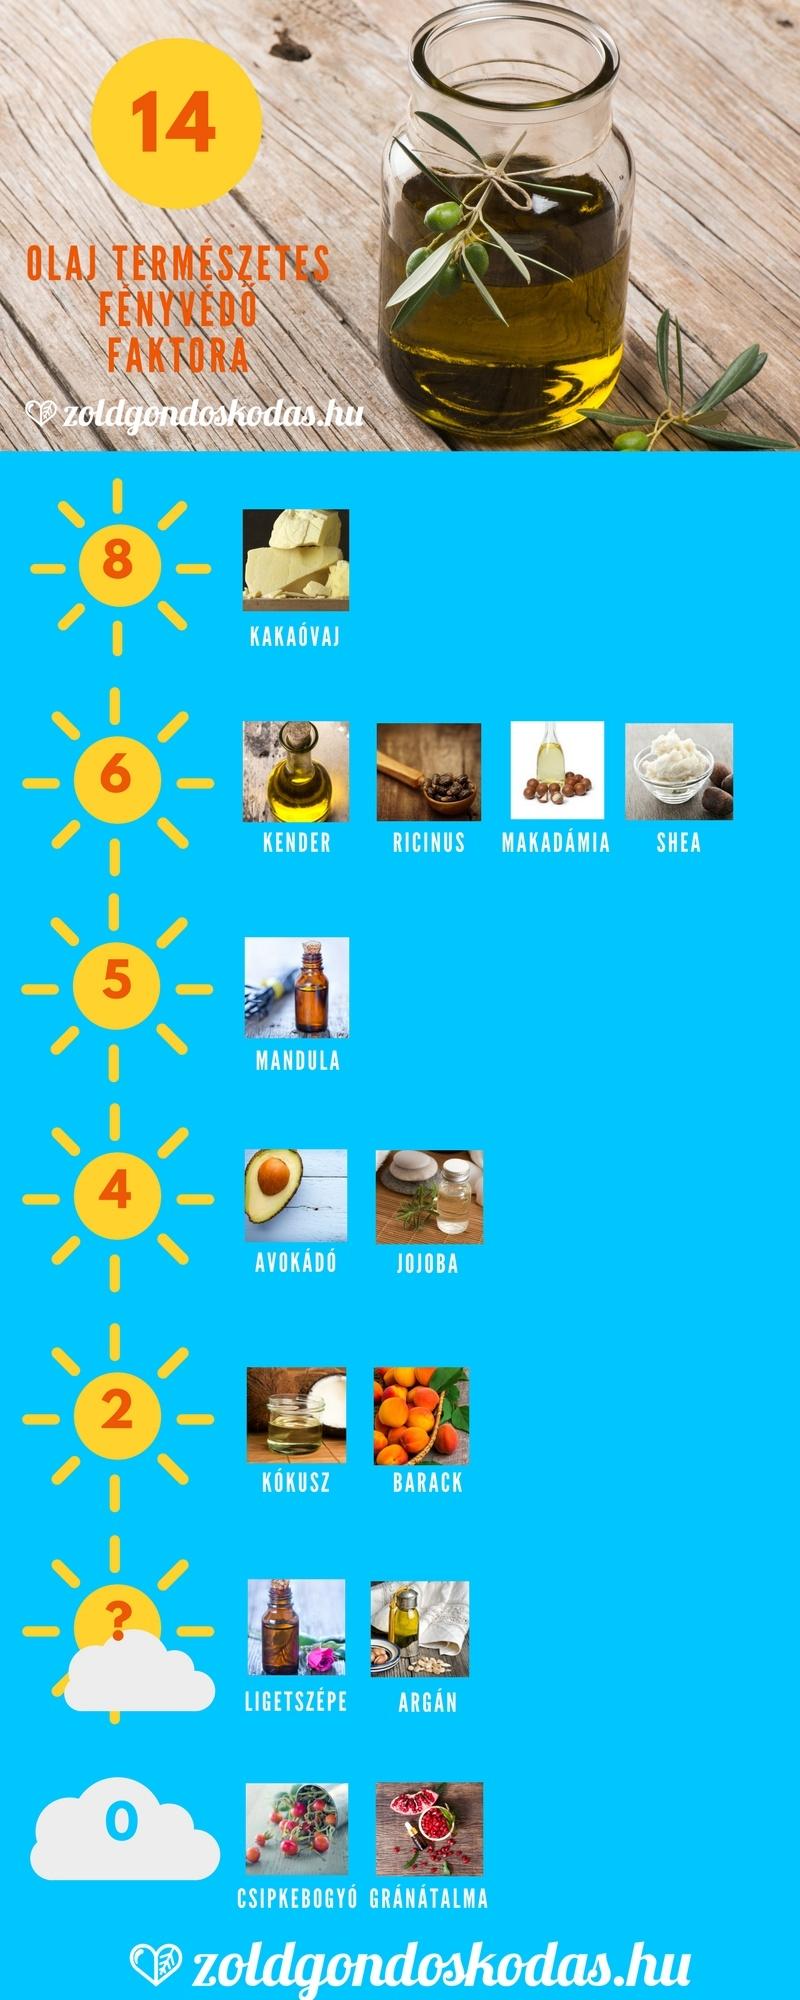 Infografika: kakaóvaj, shea vaj, argán olaj, kókuszolaj, jojoba, ricinus, makadámia, barack olaj természetes fényvéd faktora (SPF)